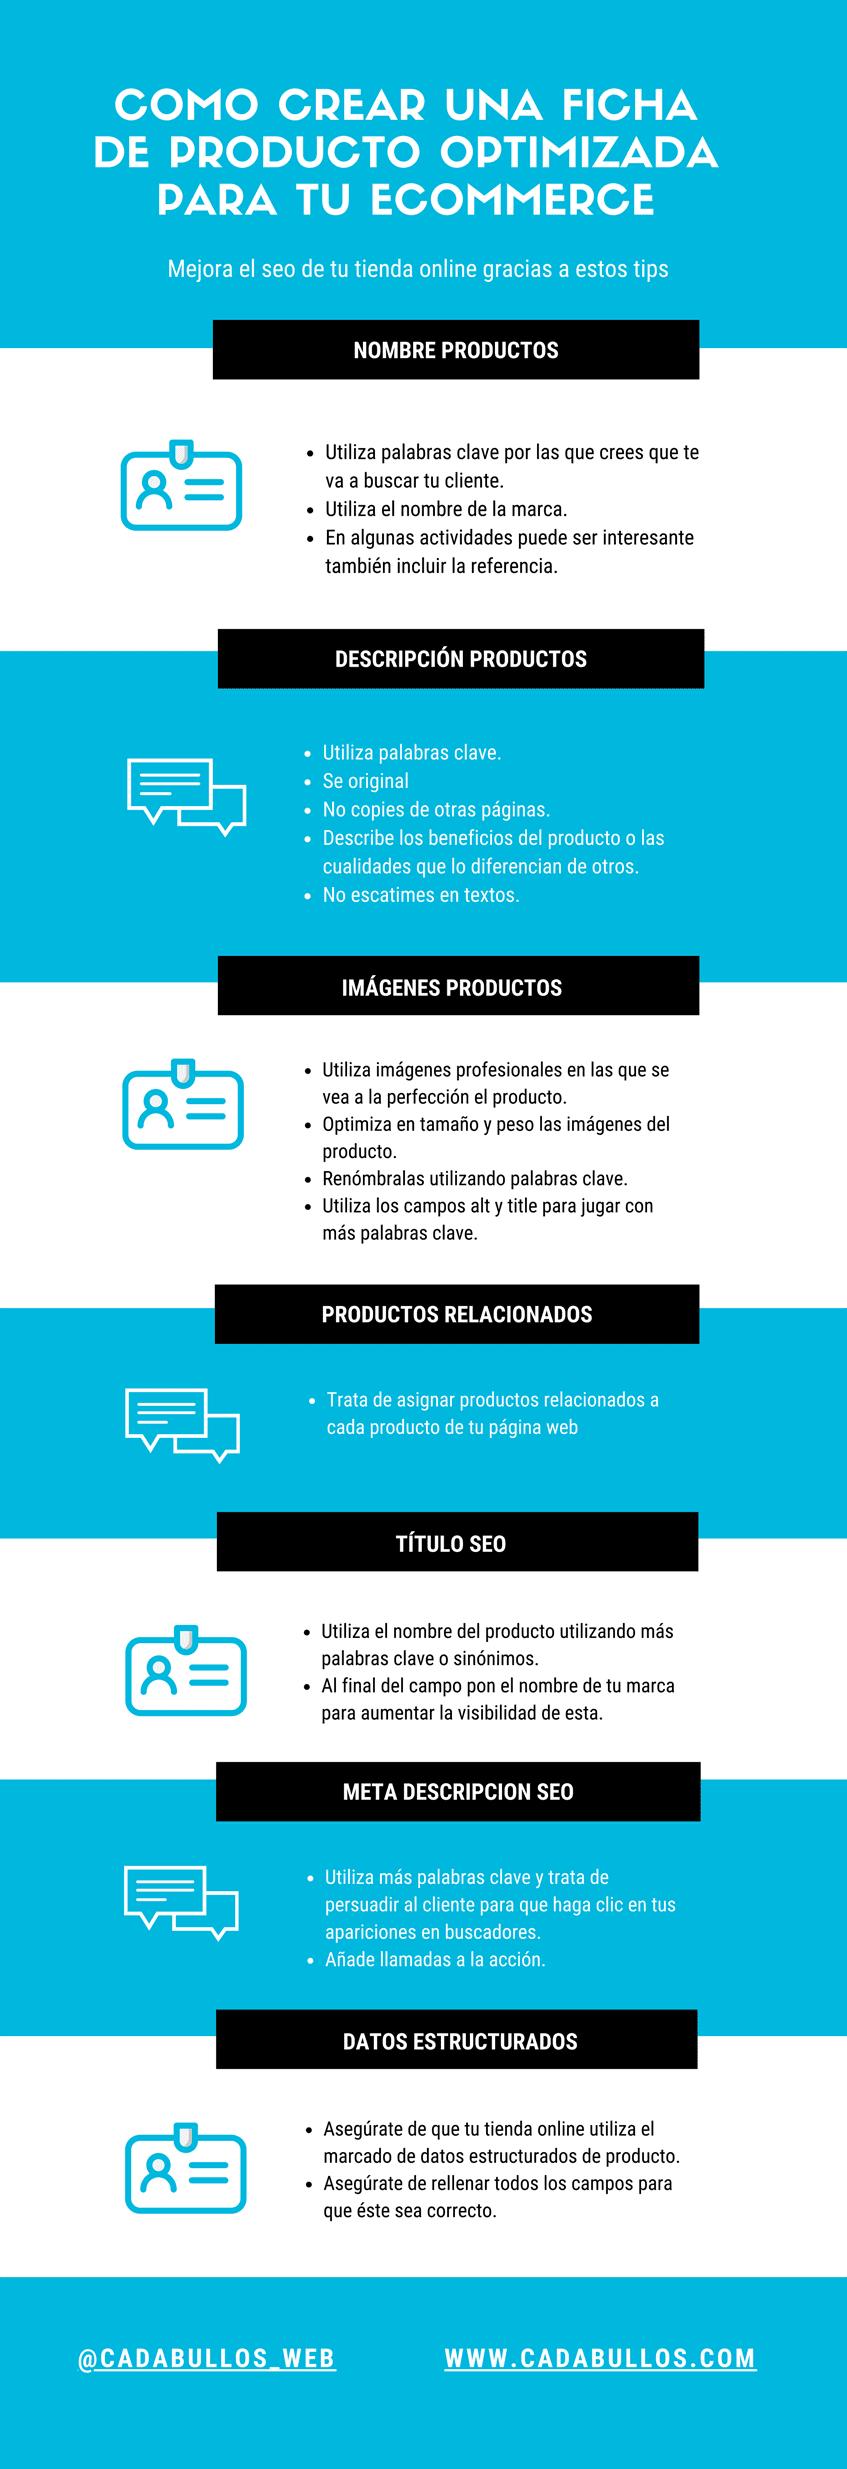 Infografía con tips para mejorar el seo de tus productos en tu tienda online